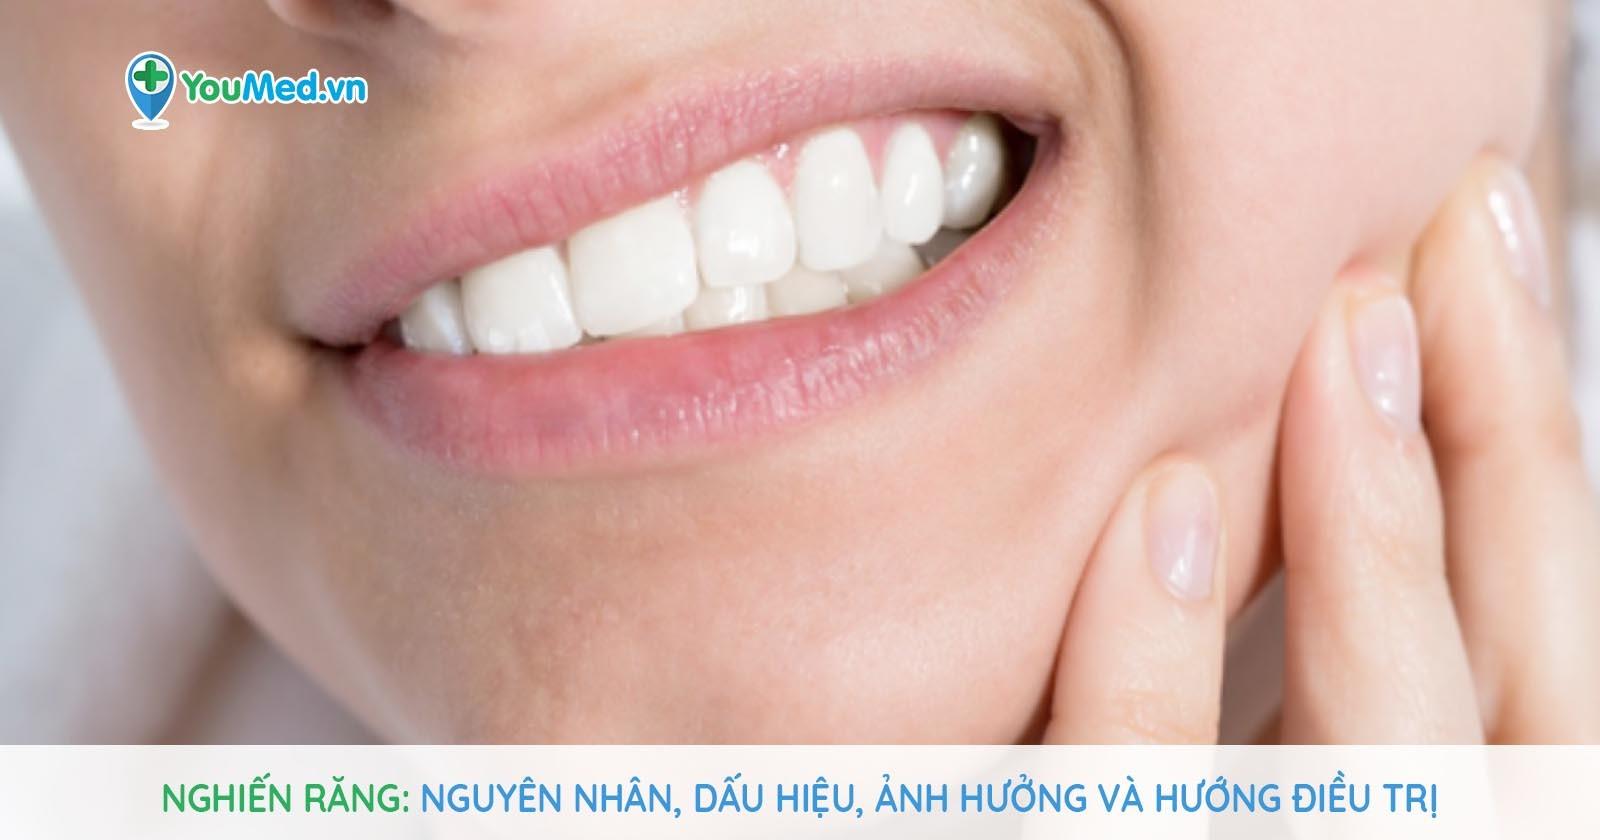 Nghiến răng - Nguyên nhân, dấu hiệu, ảnh hưởng và hướng điều trị